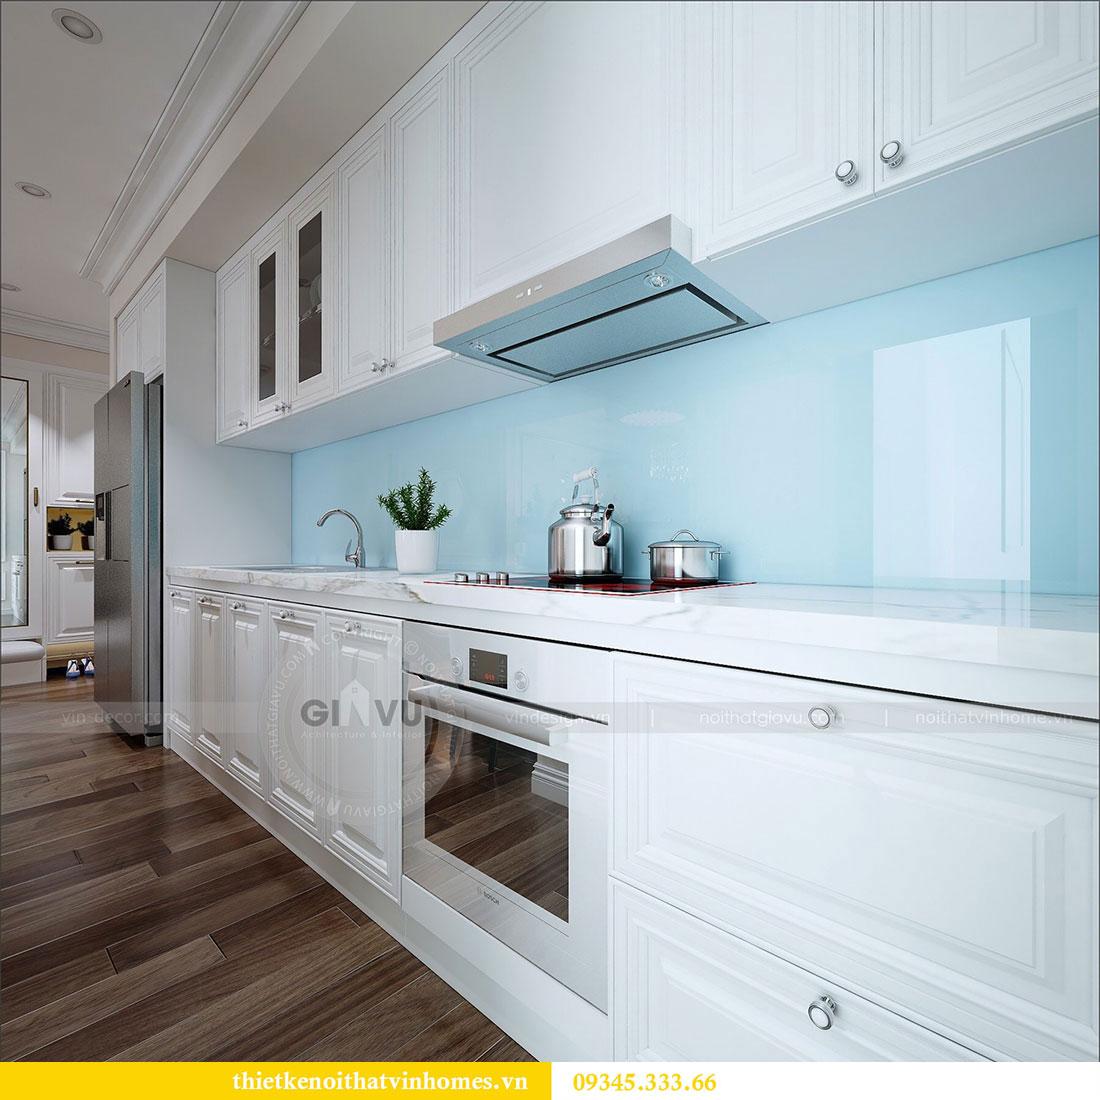 Thiết kế nội thất chung cư Dcapitale tòa C1 3